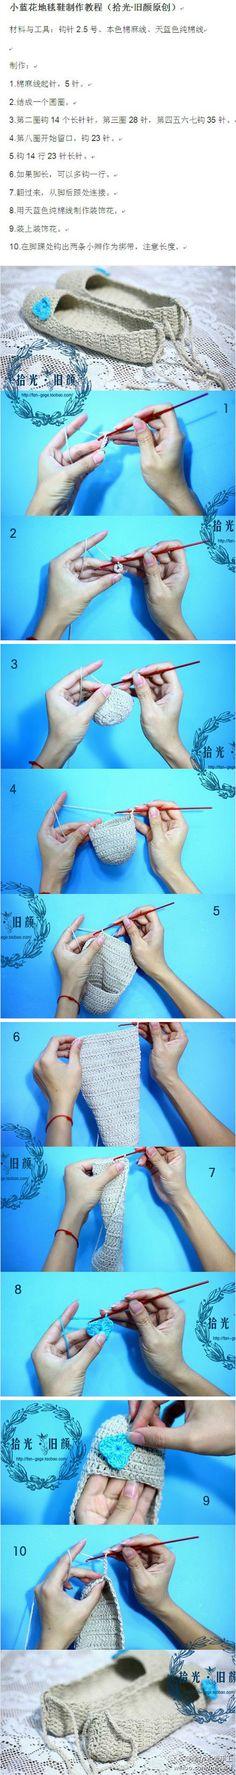 Crocheted slipper tutorial